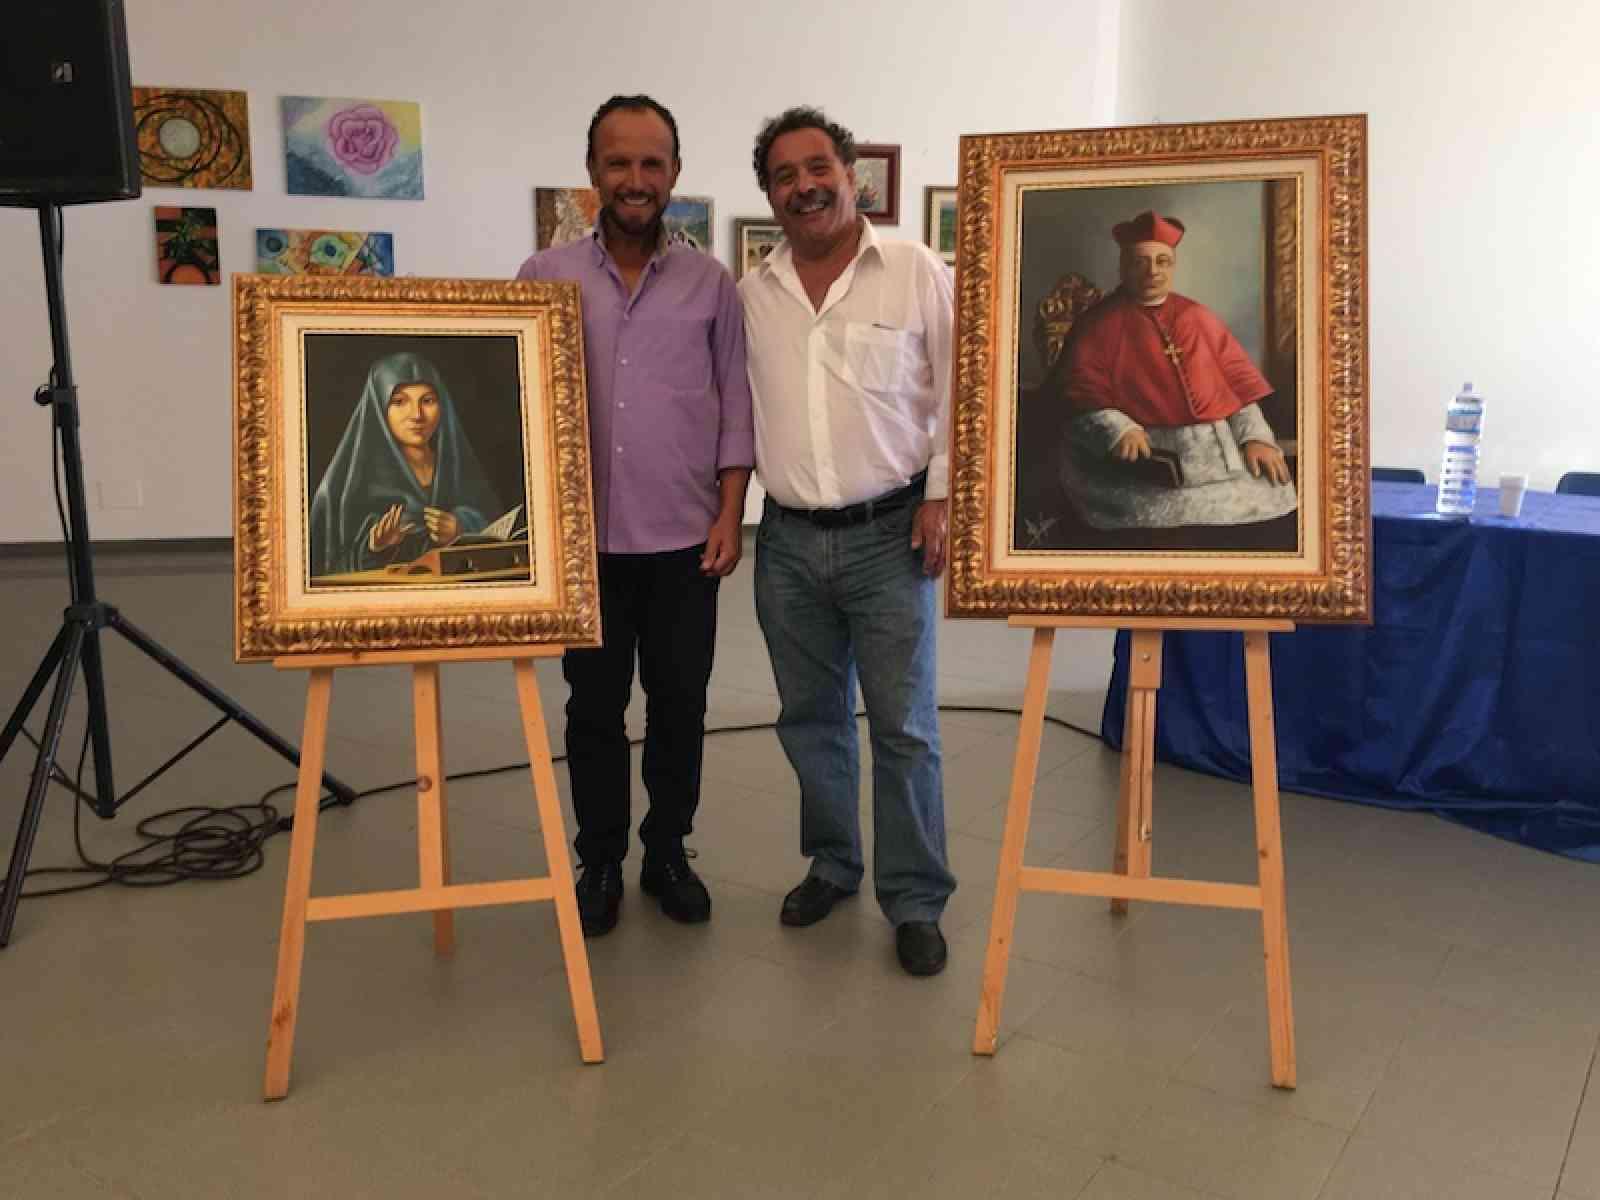 L'artista Pippo Vaccaro dona due dipinti a Salaparuta